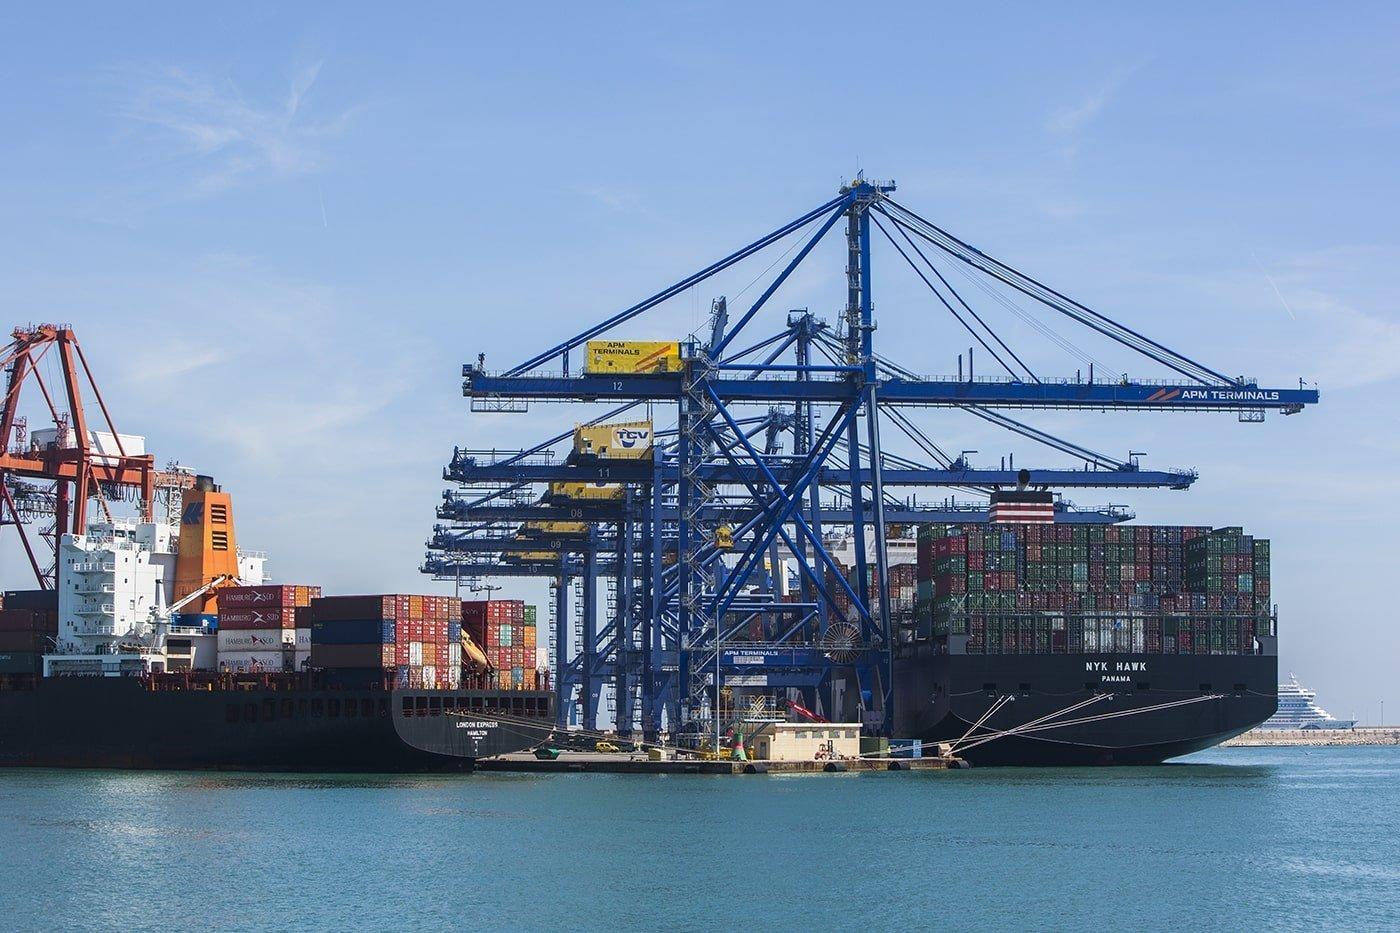 El tráfico de contenedores del puerto de Valencia crece un 7,3% - El Canal Marítimo y Logístico